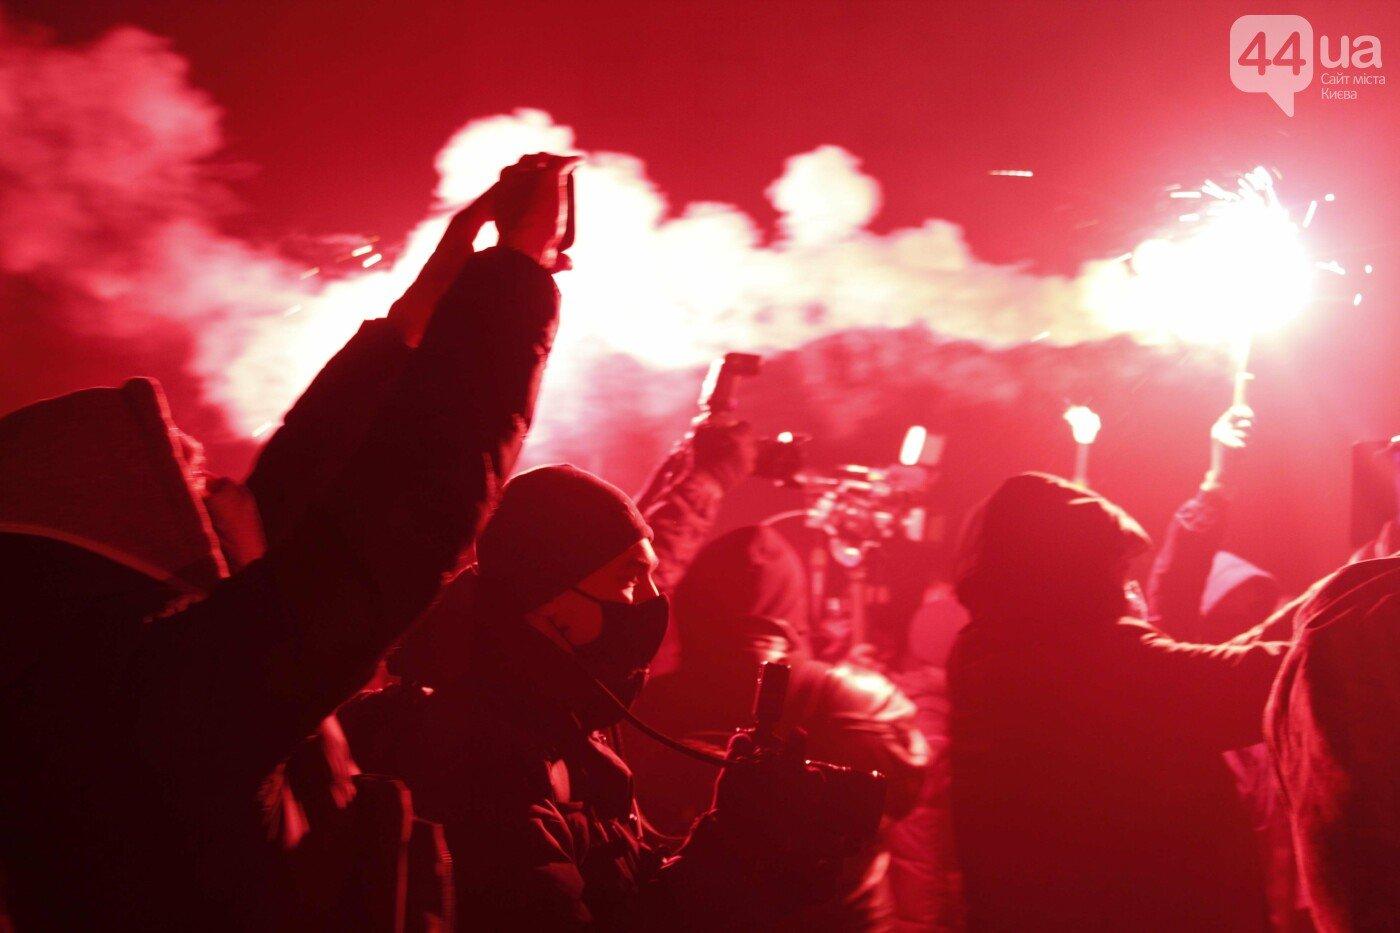 Дым, фейерверки и исписанные стены: как в Киеве прошла акция в поддержку Сергея Стерненко, - ФОТО, ВИДЕО, фото-2, ФОТО: 44.ua